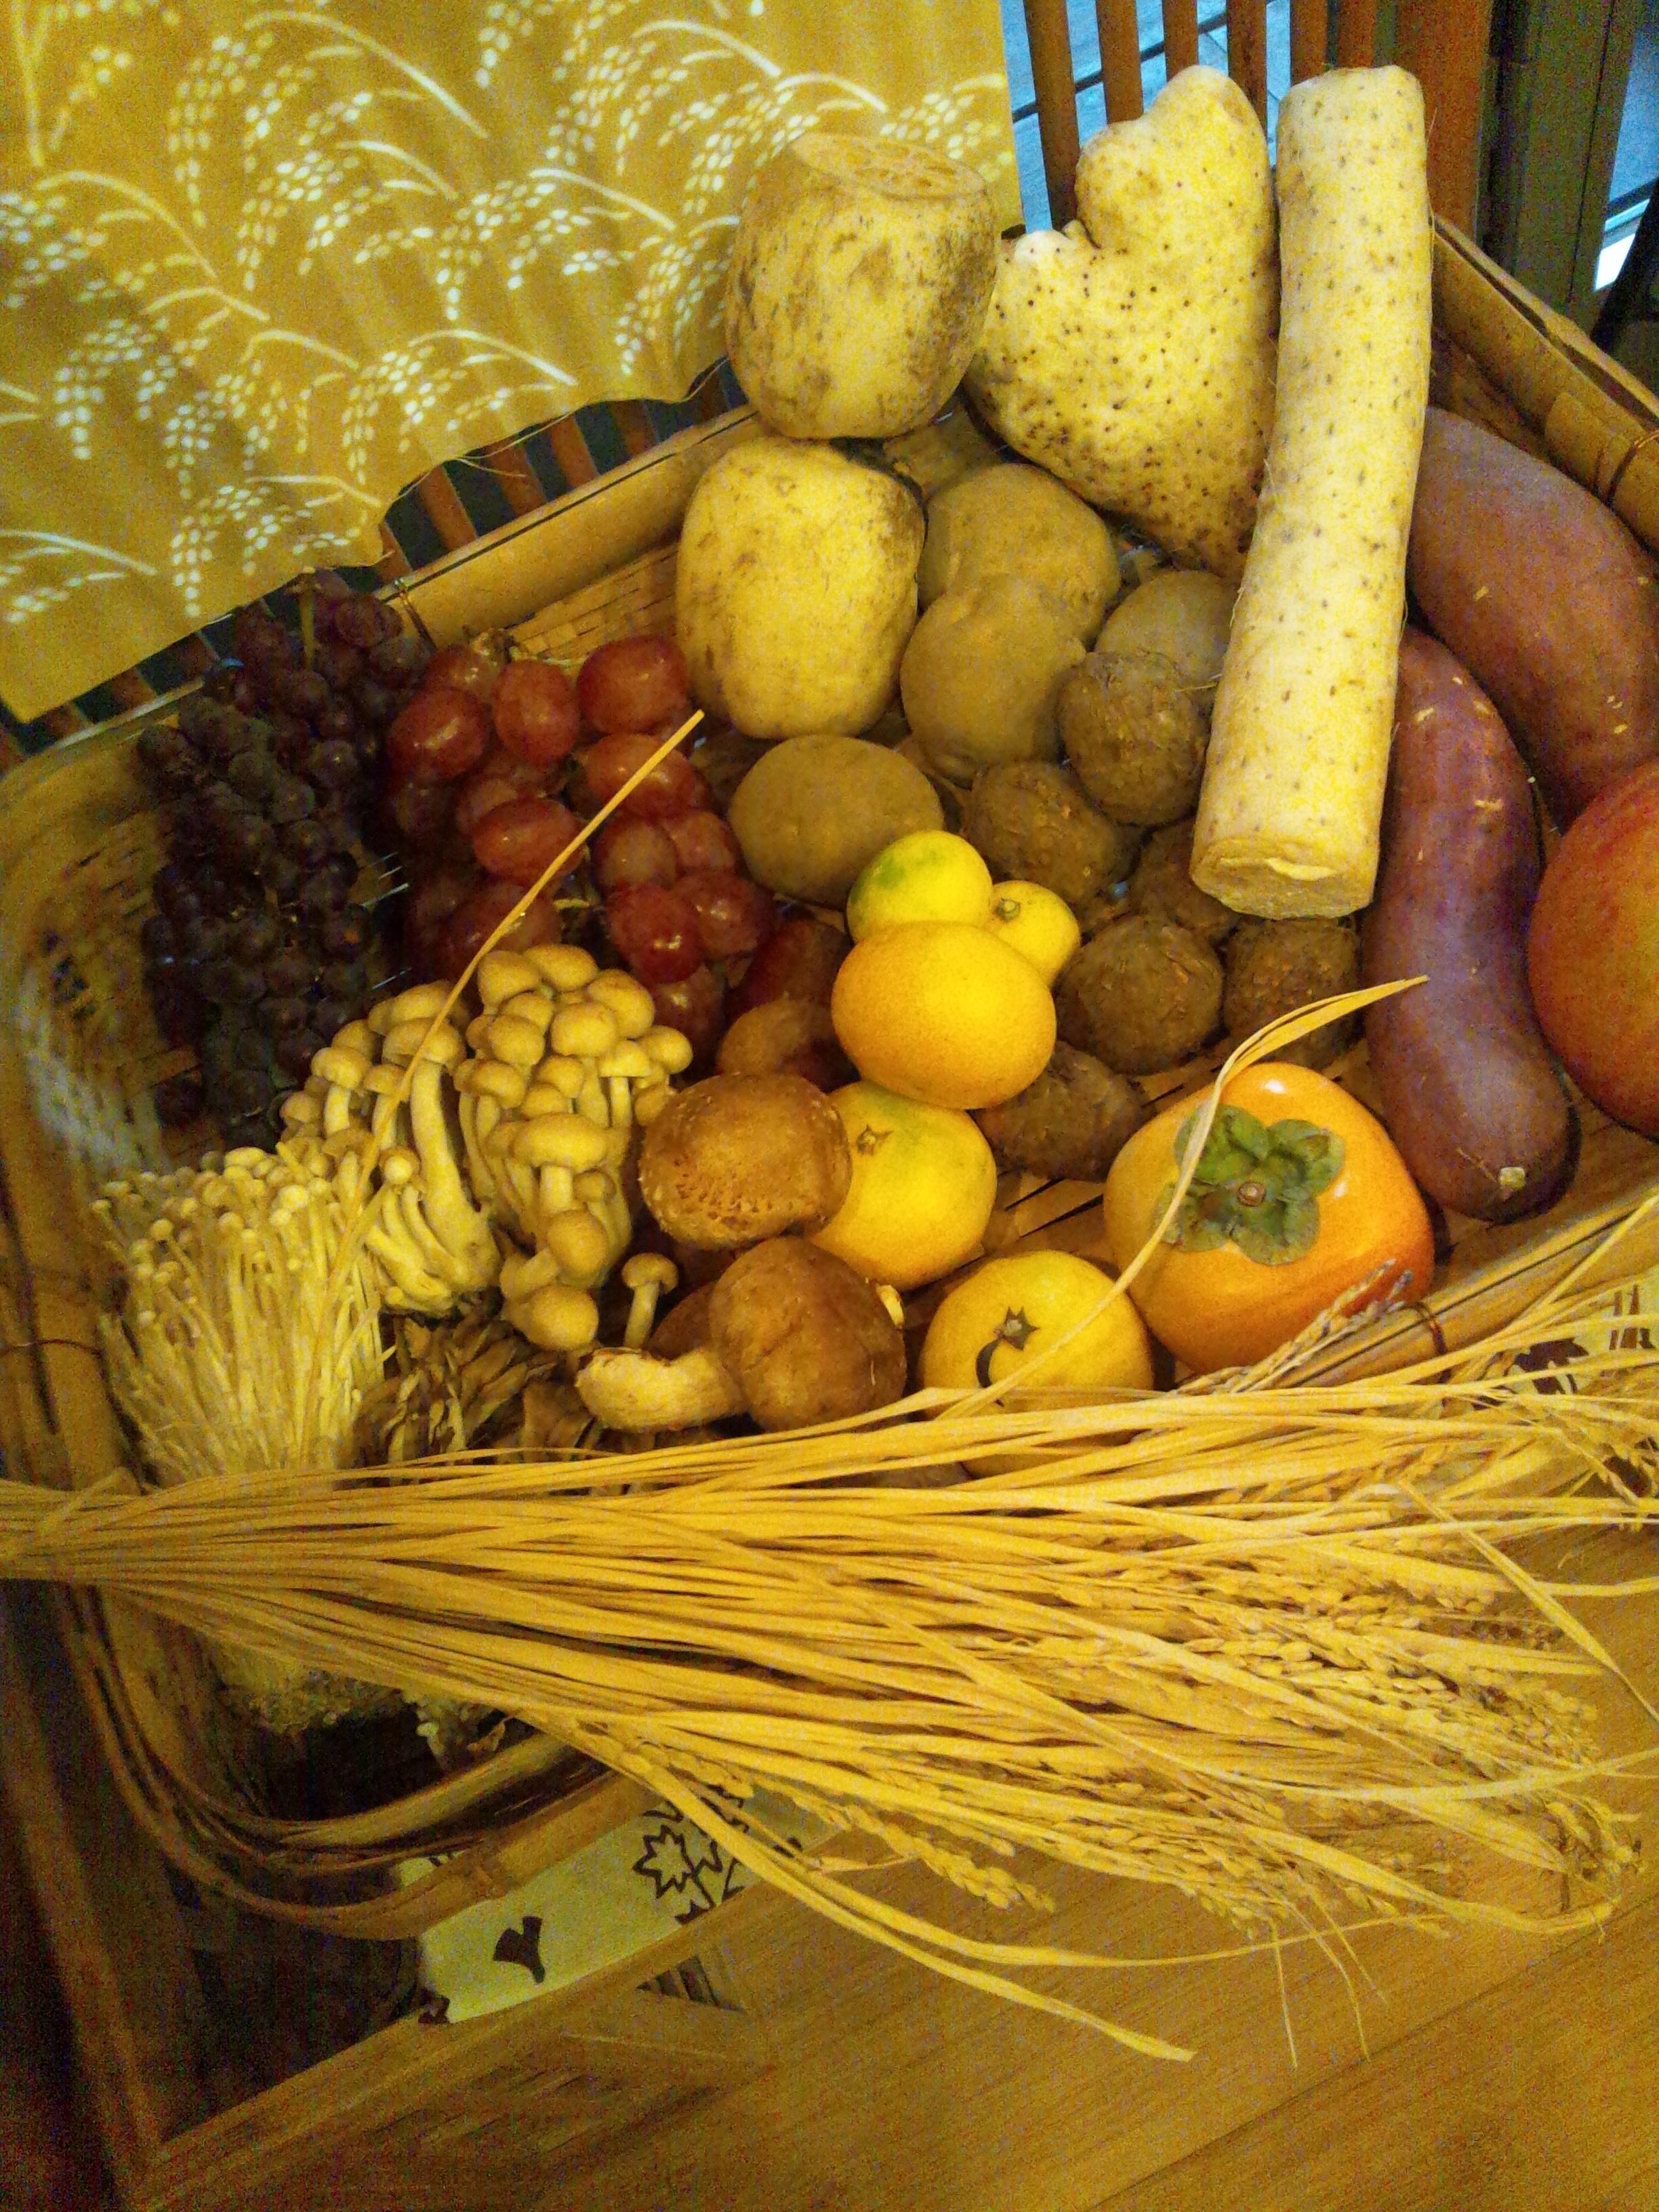 10月5日の『未来のママのための食卓の食育教室』は「秋の旬と、栗ご飯」